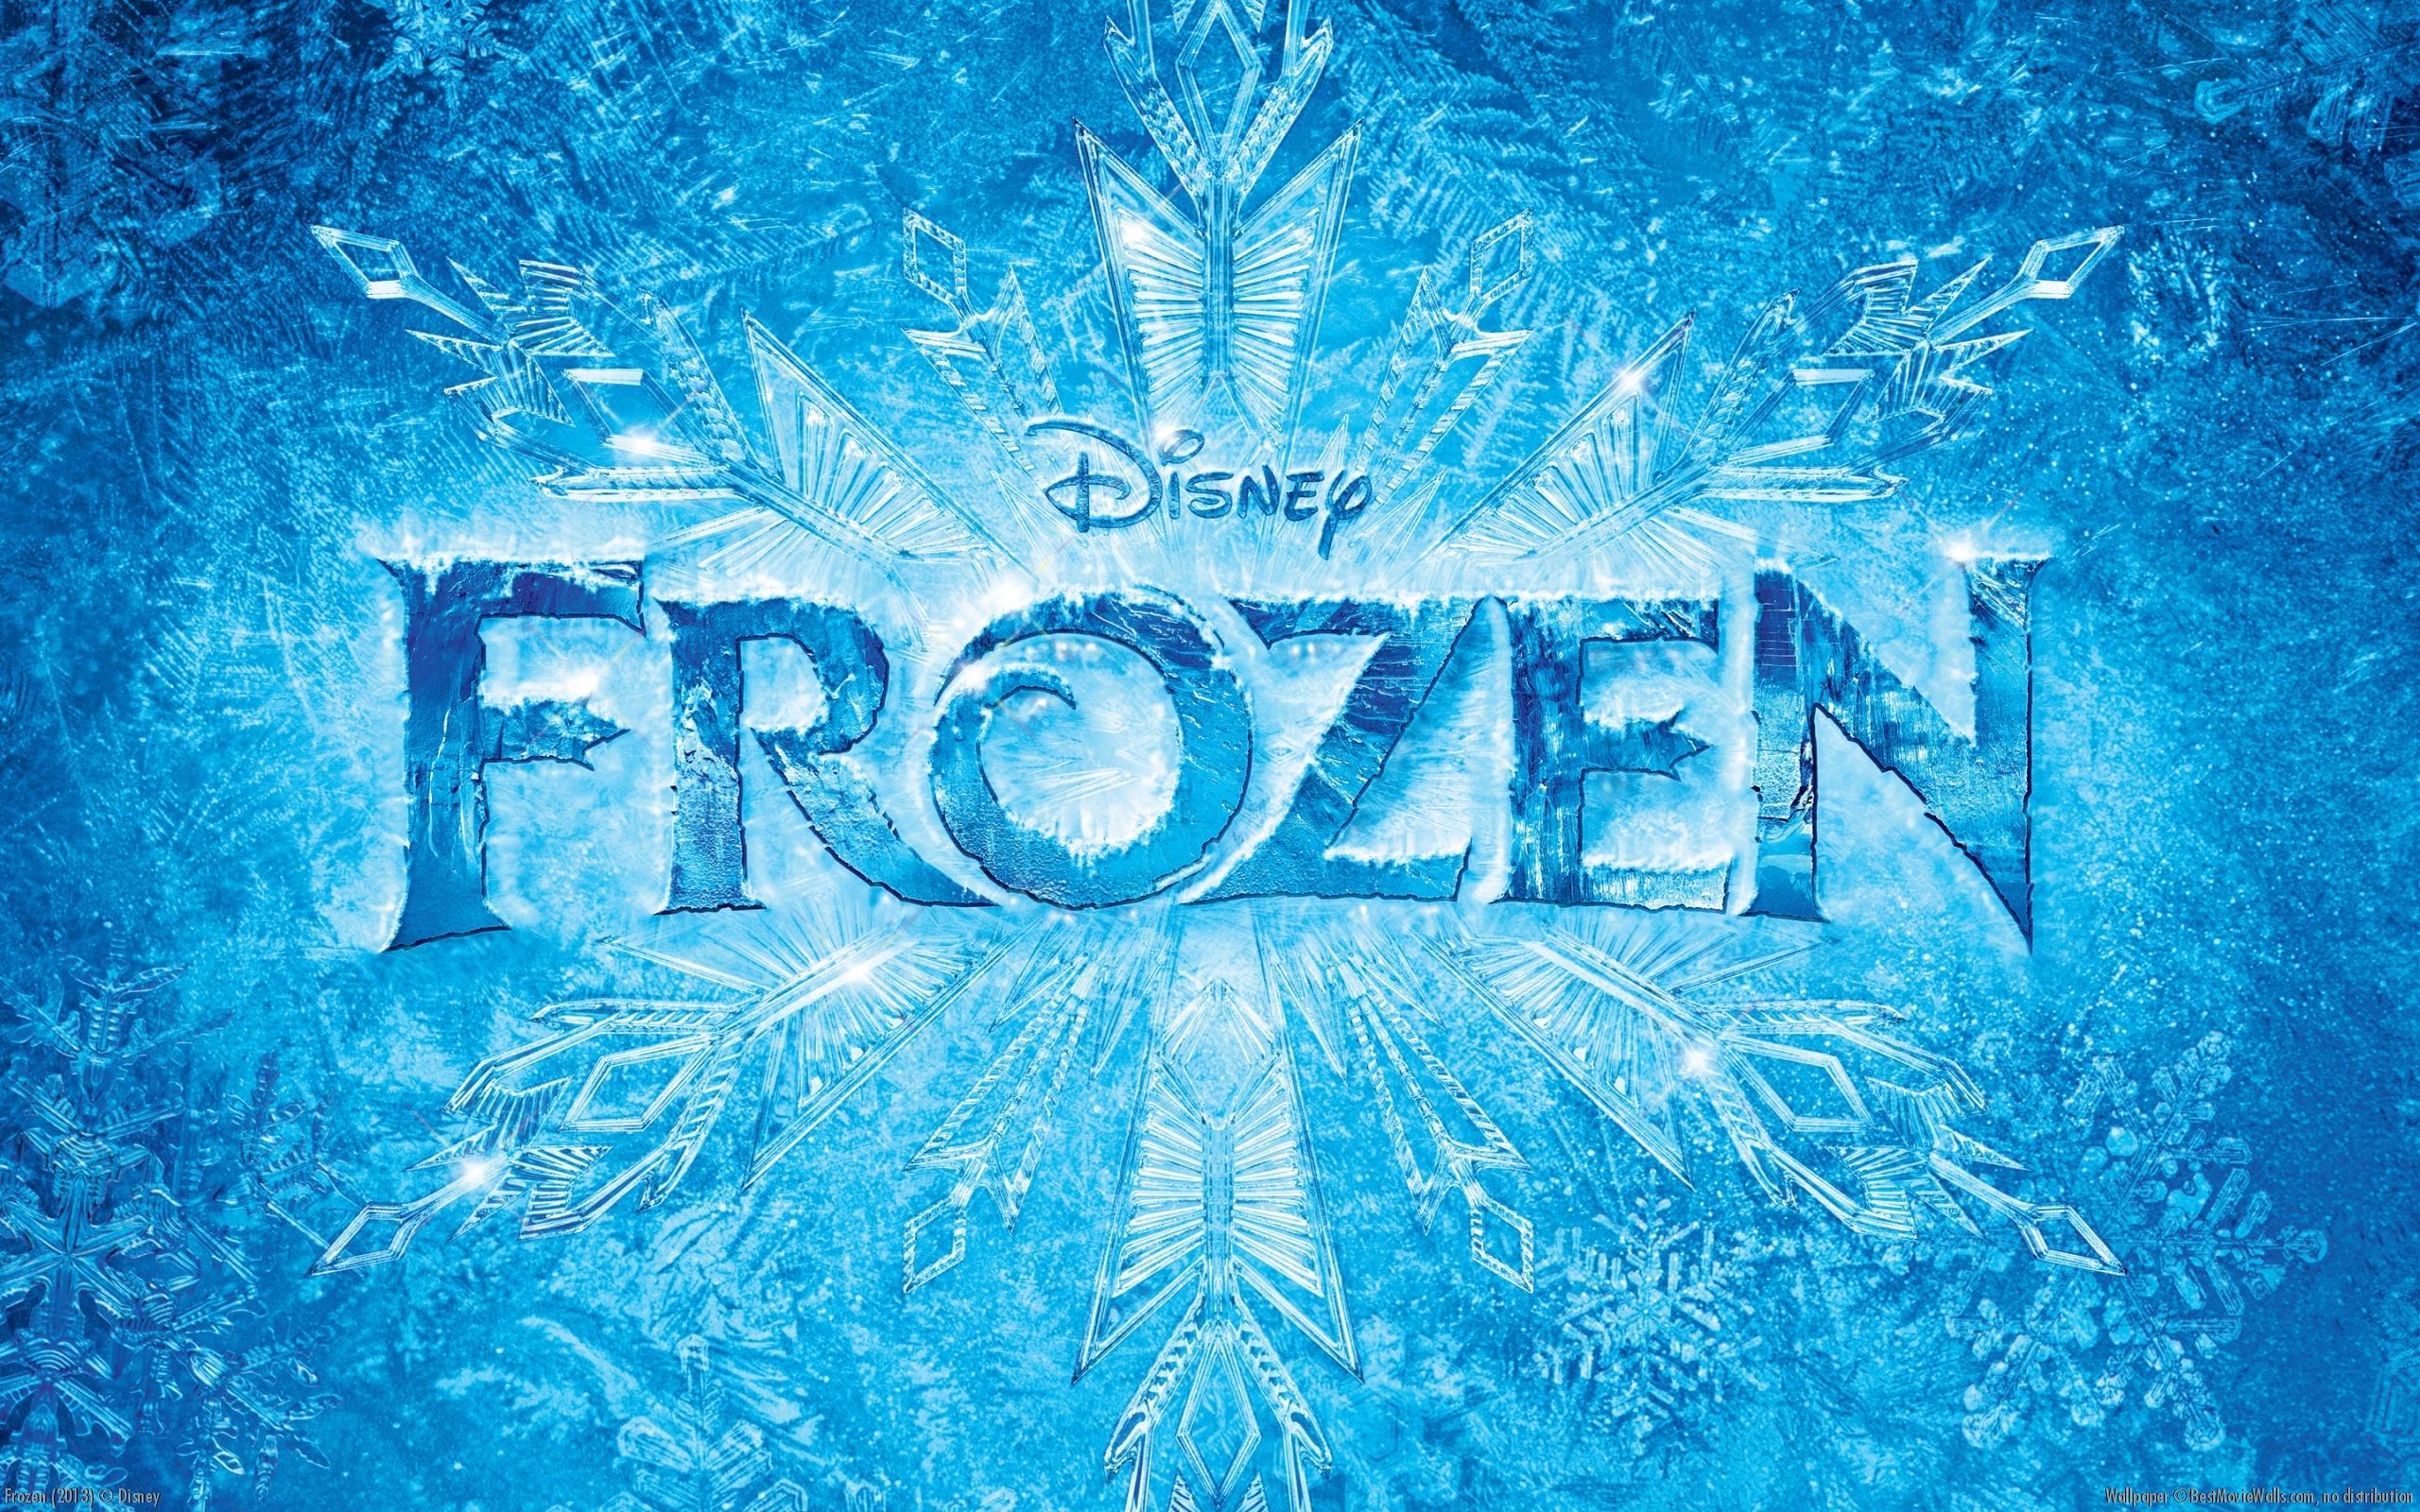 Frozen Logo wallpaper 2560x1600 27715 2560x1600